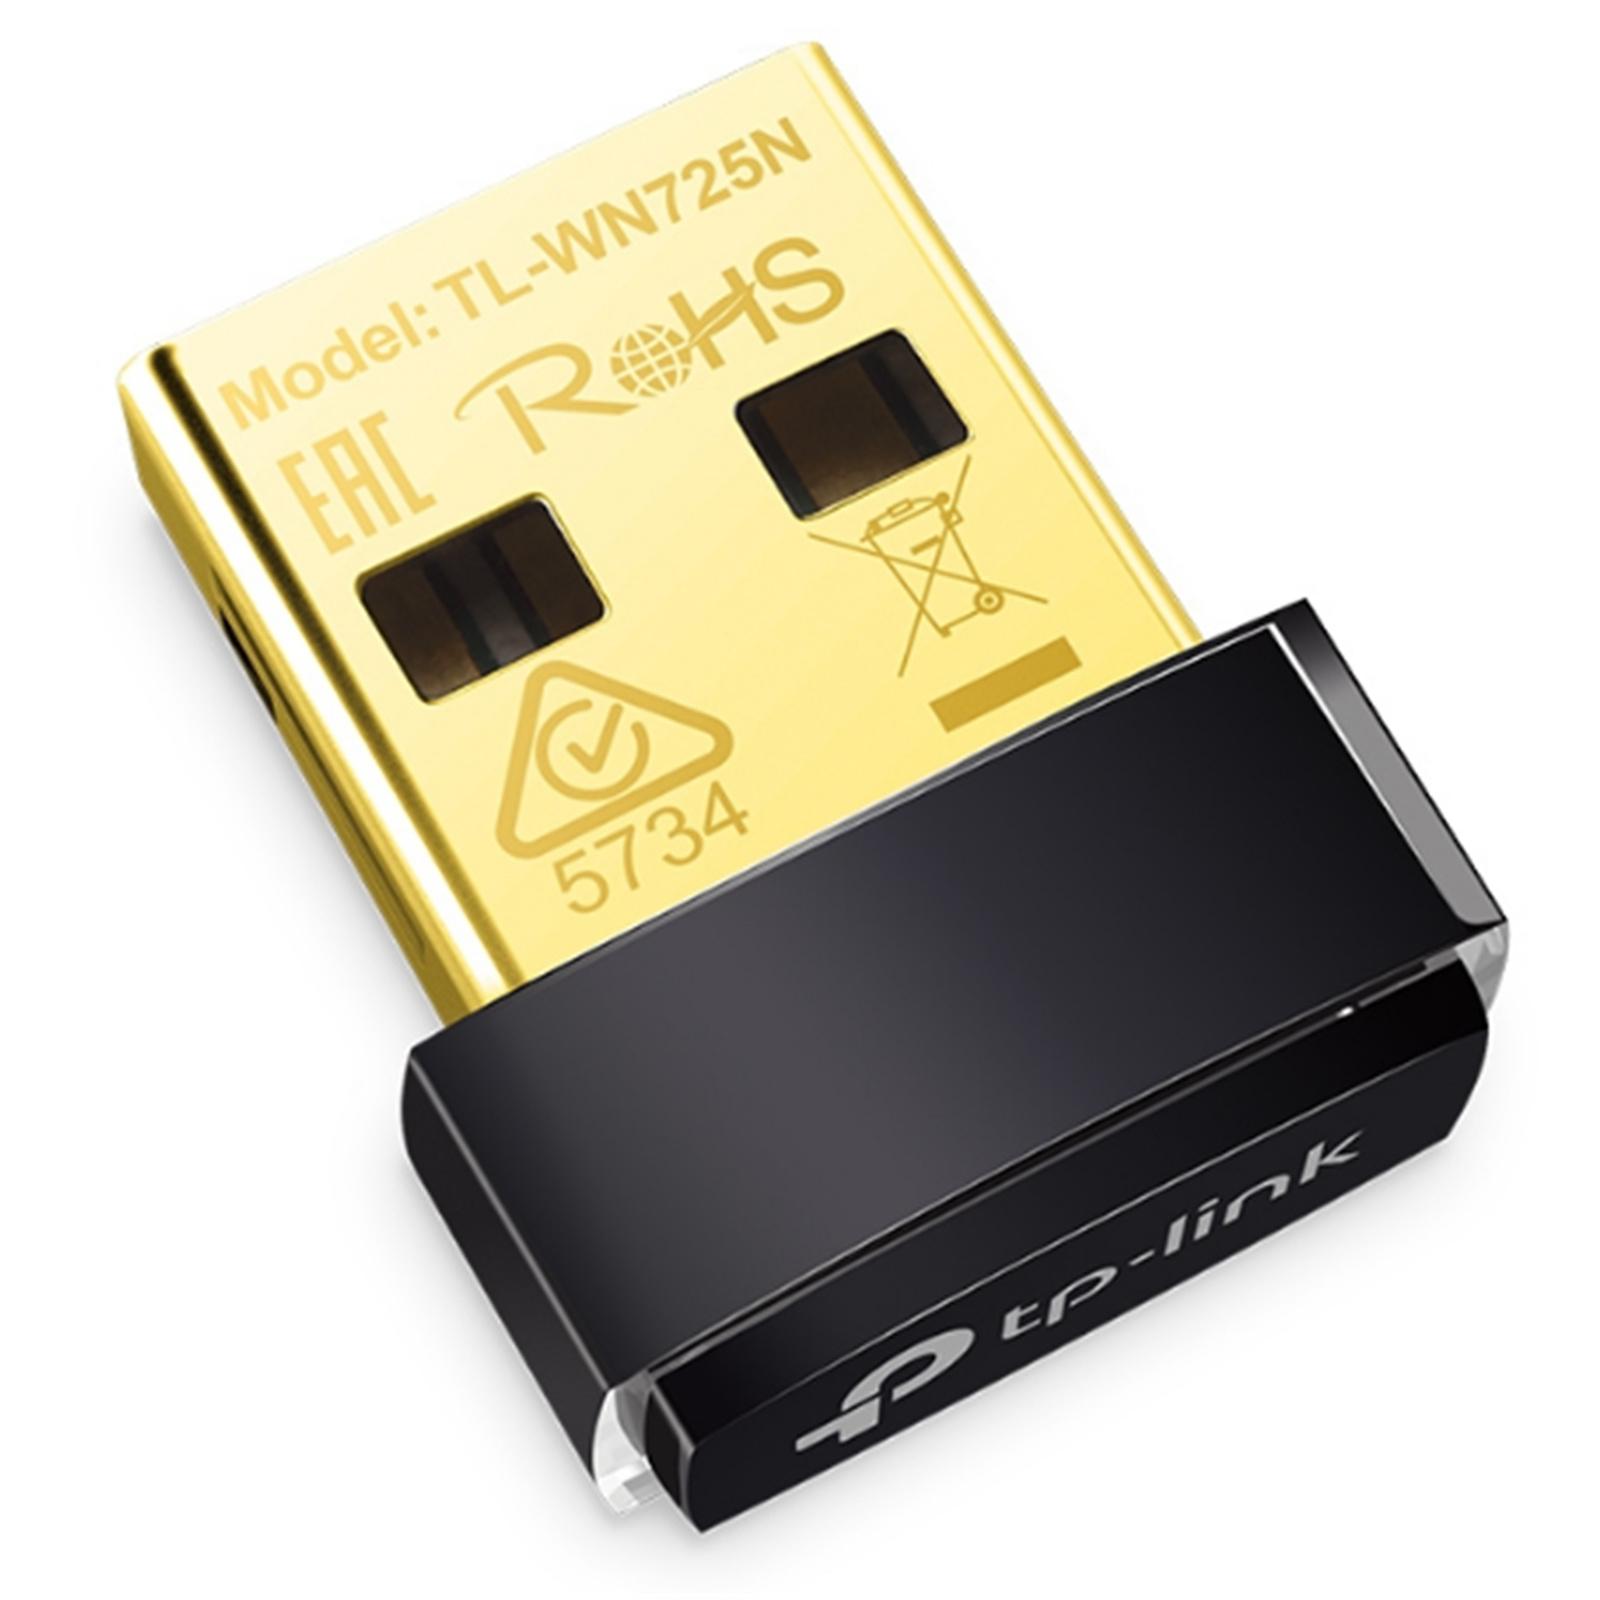 Buy the TP-Link TL-WN725N N150 Nano USB Wi-Fi Adapter ( TL-WN725N